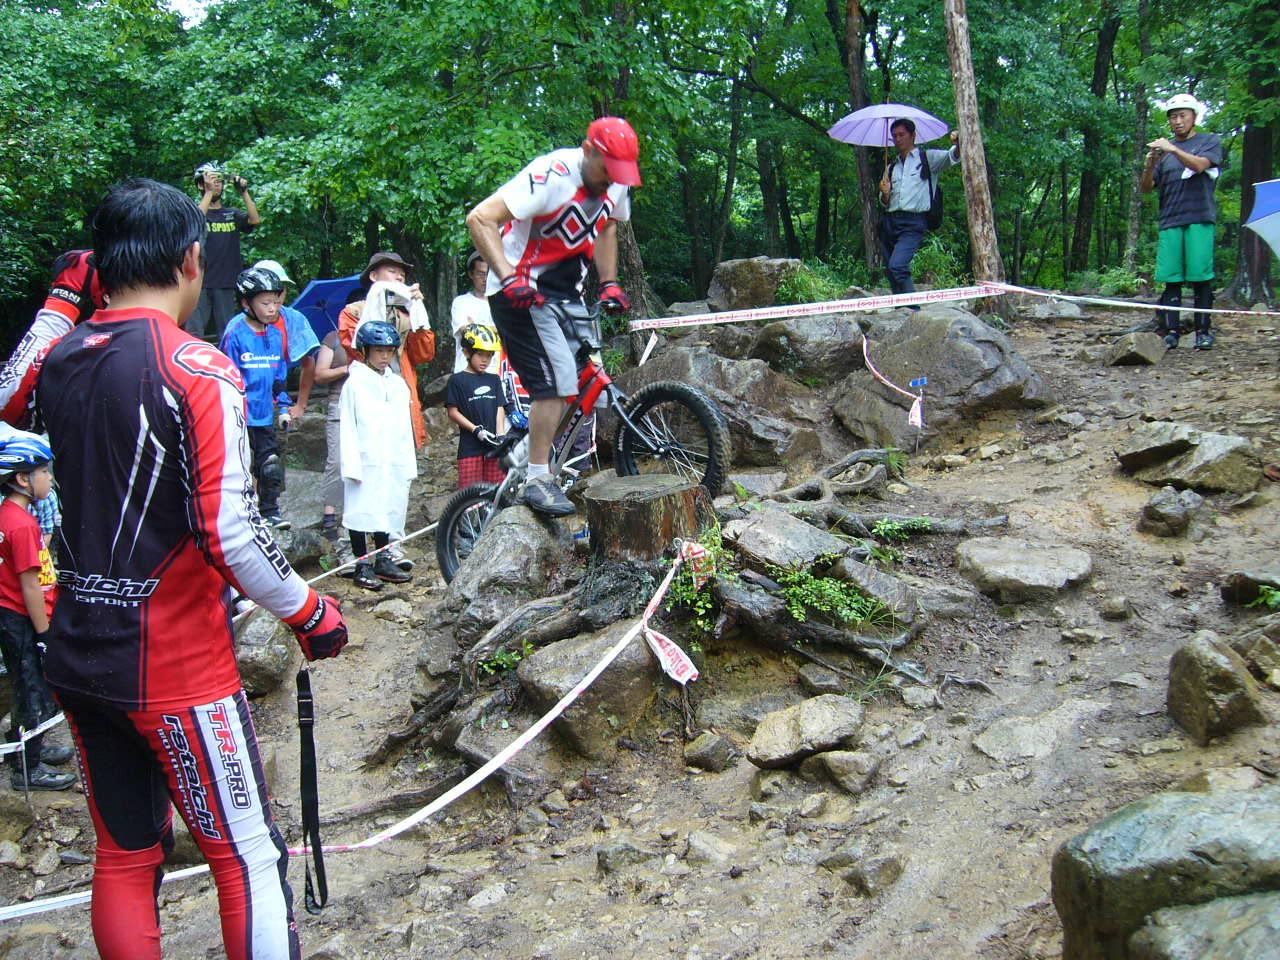 バイクトライアル 亀岡カップ rd15 参戦レポ_b0133403_0515642.jpg